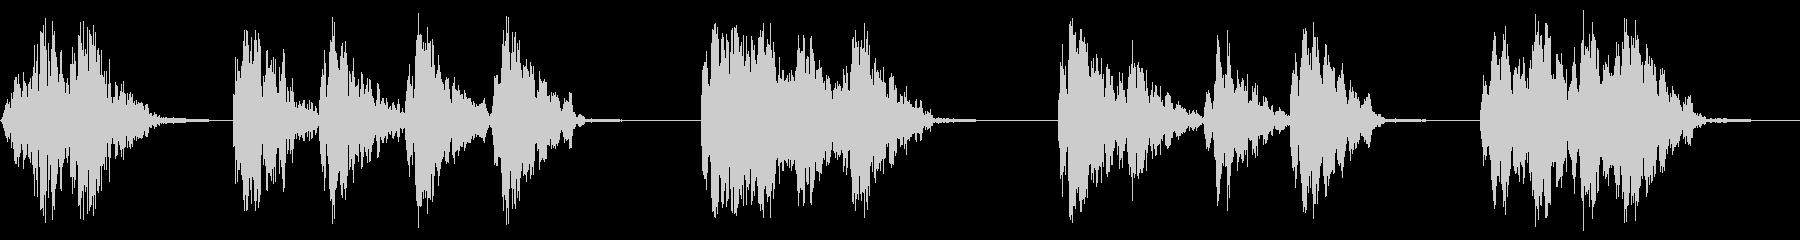 ライトラトルの未再生の波形